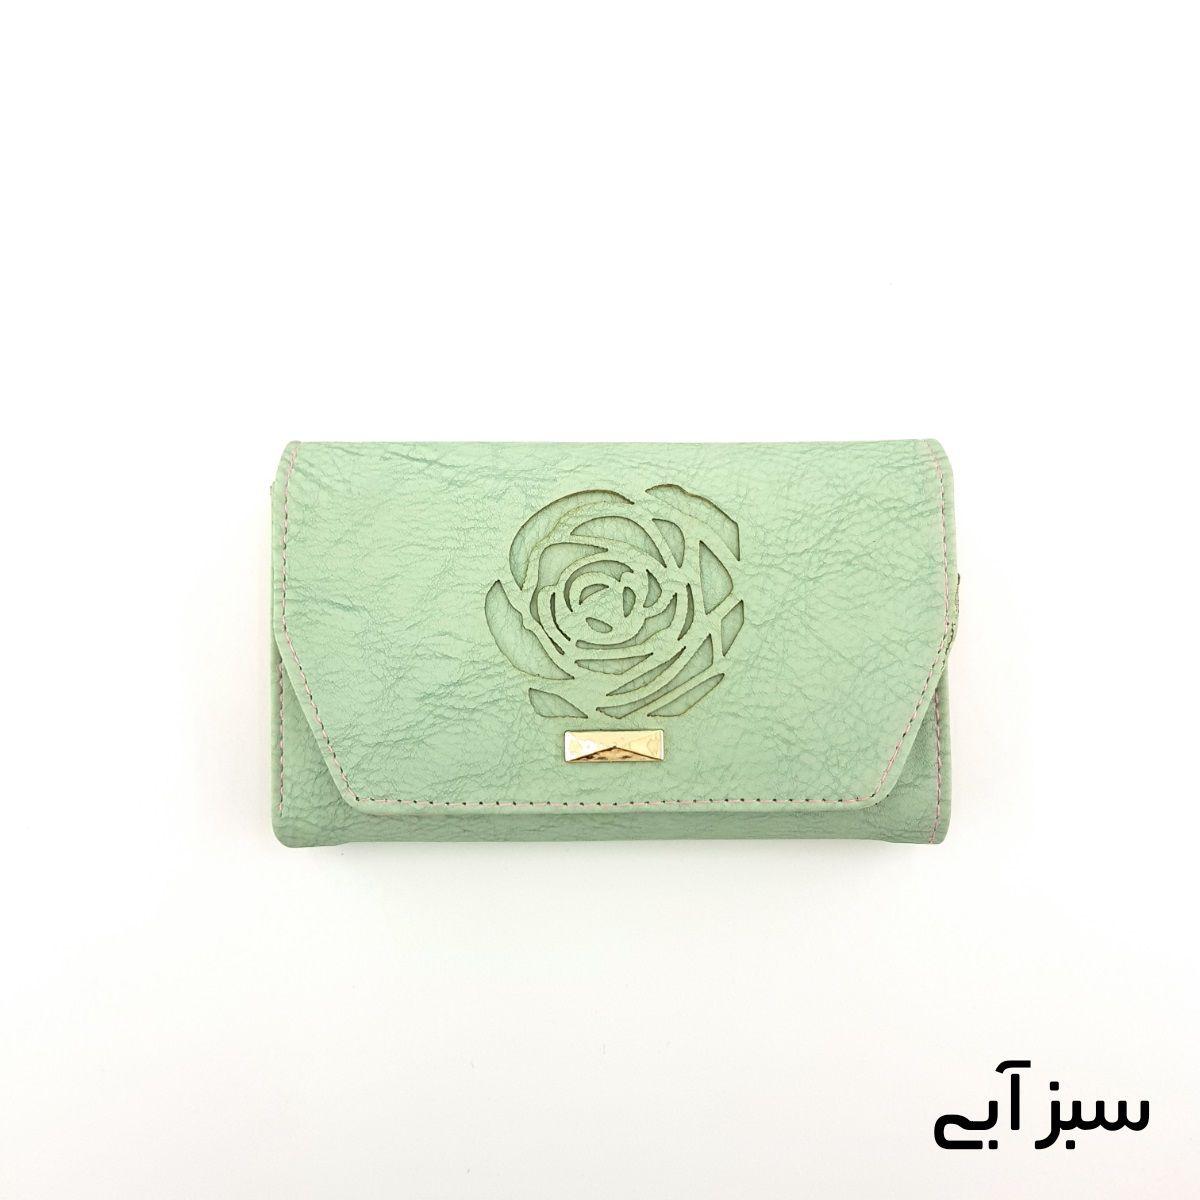 کیف پول زنانه طرح گل رز -  - 8